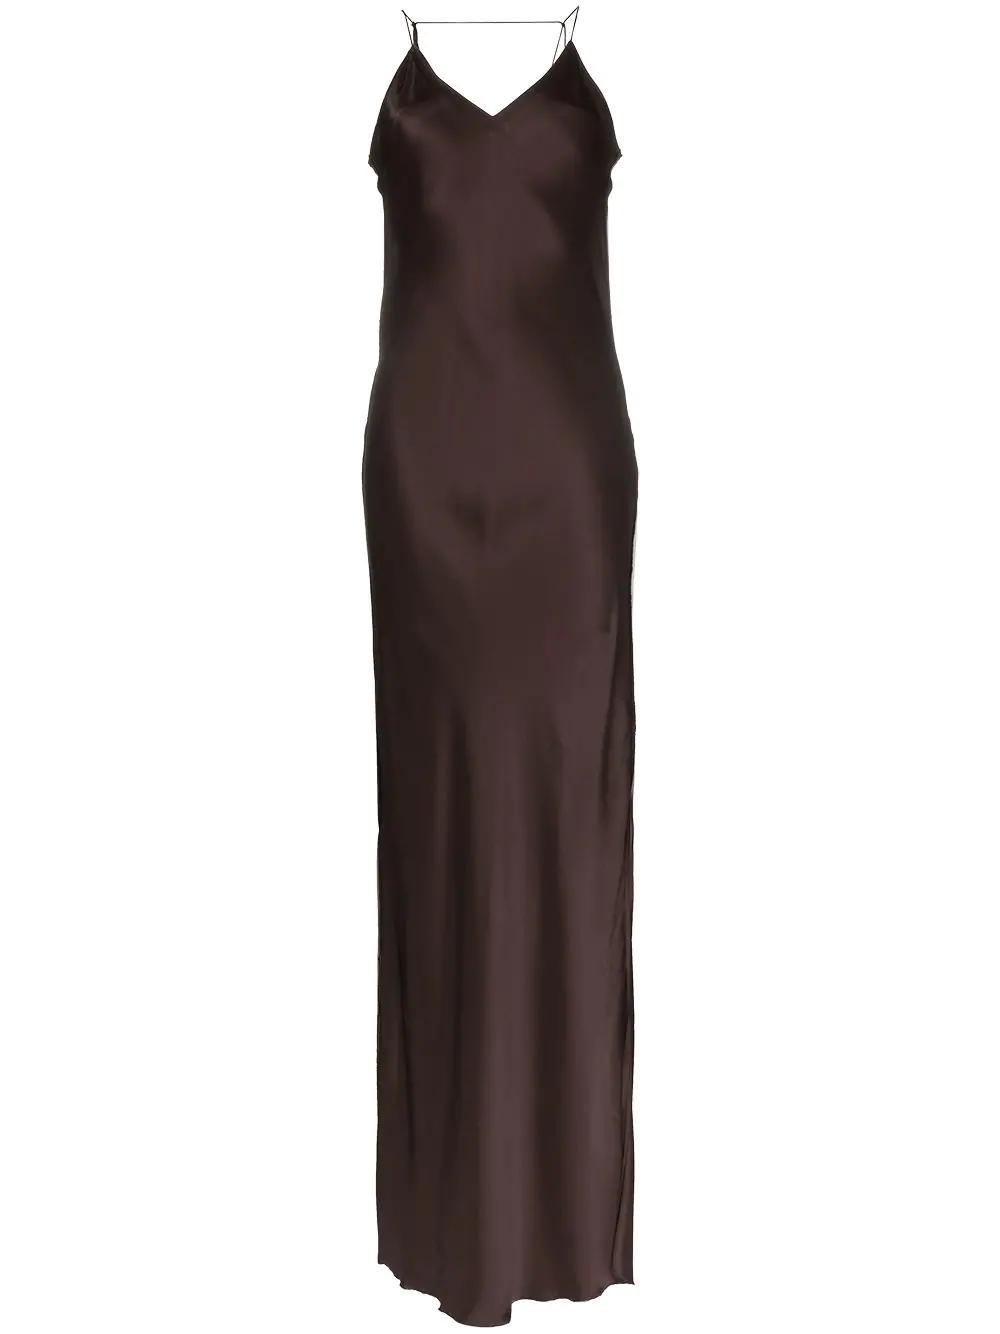 4a6be15b40d4 Helmut Lang Satin Slip Dress - Brown | ModeSens